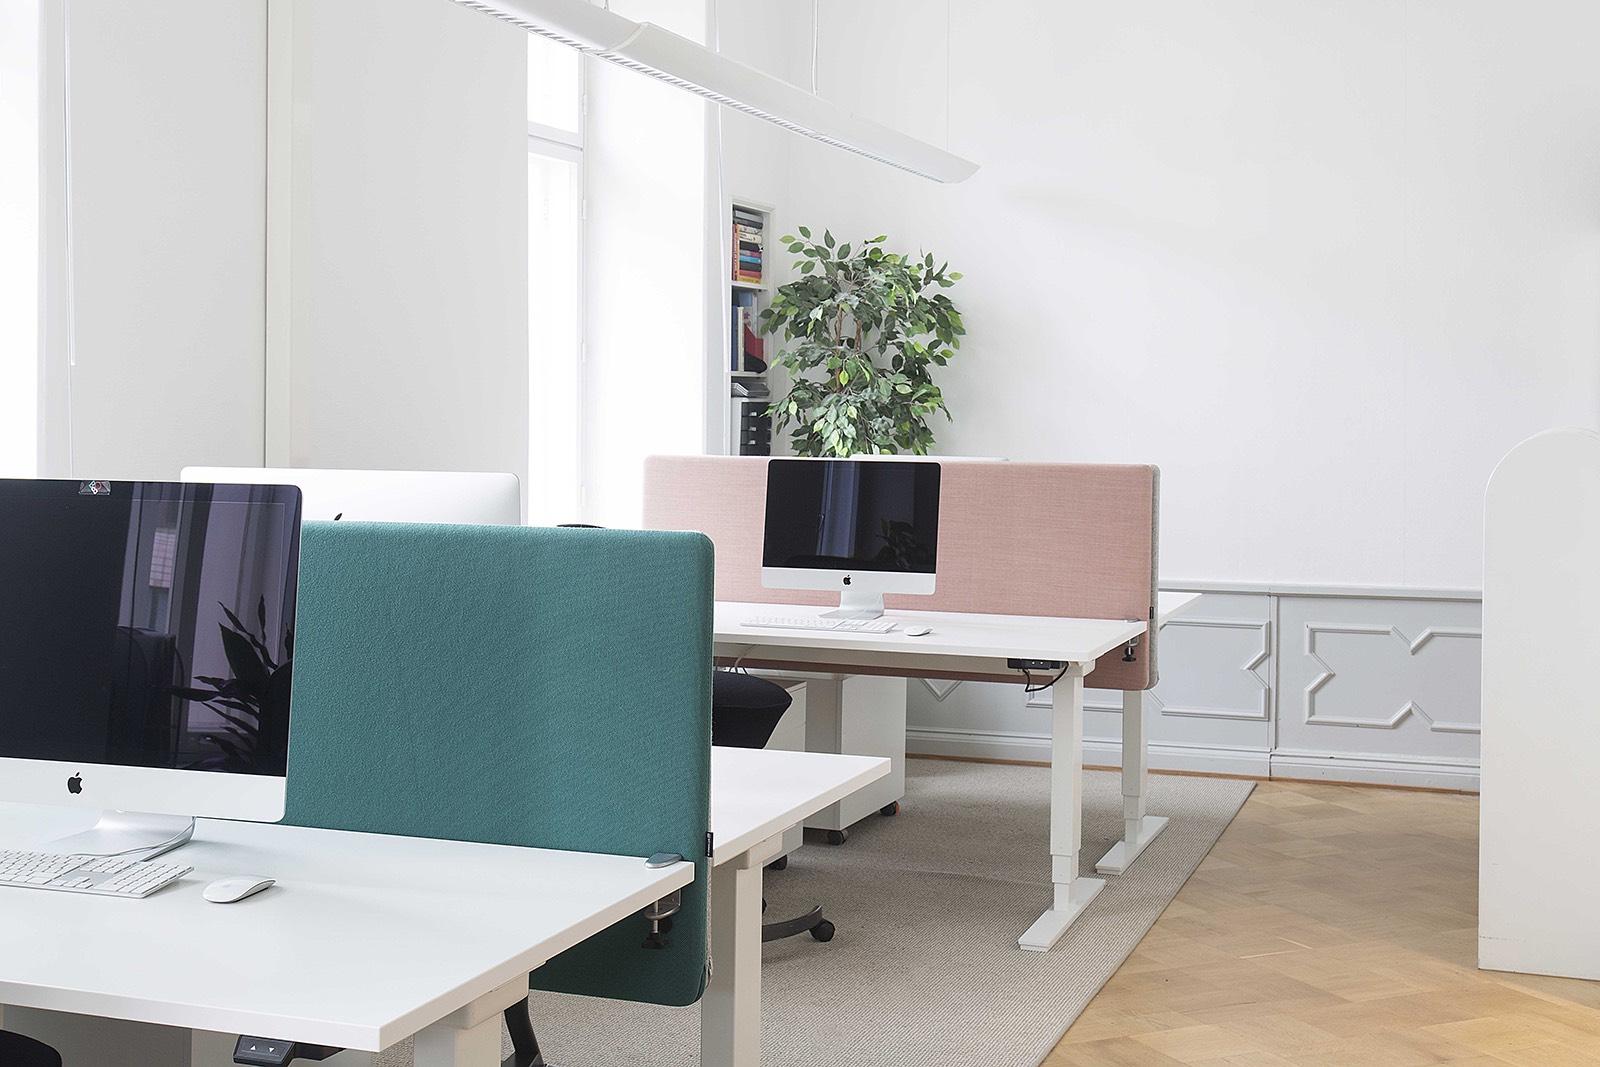 bbo-helsinki-office-2